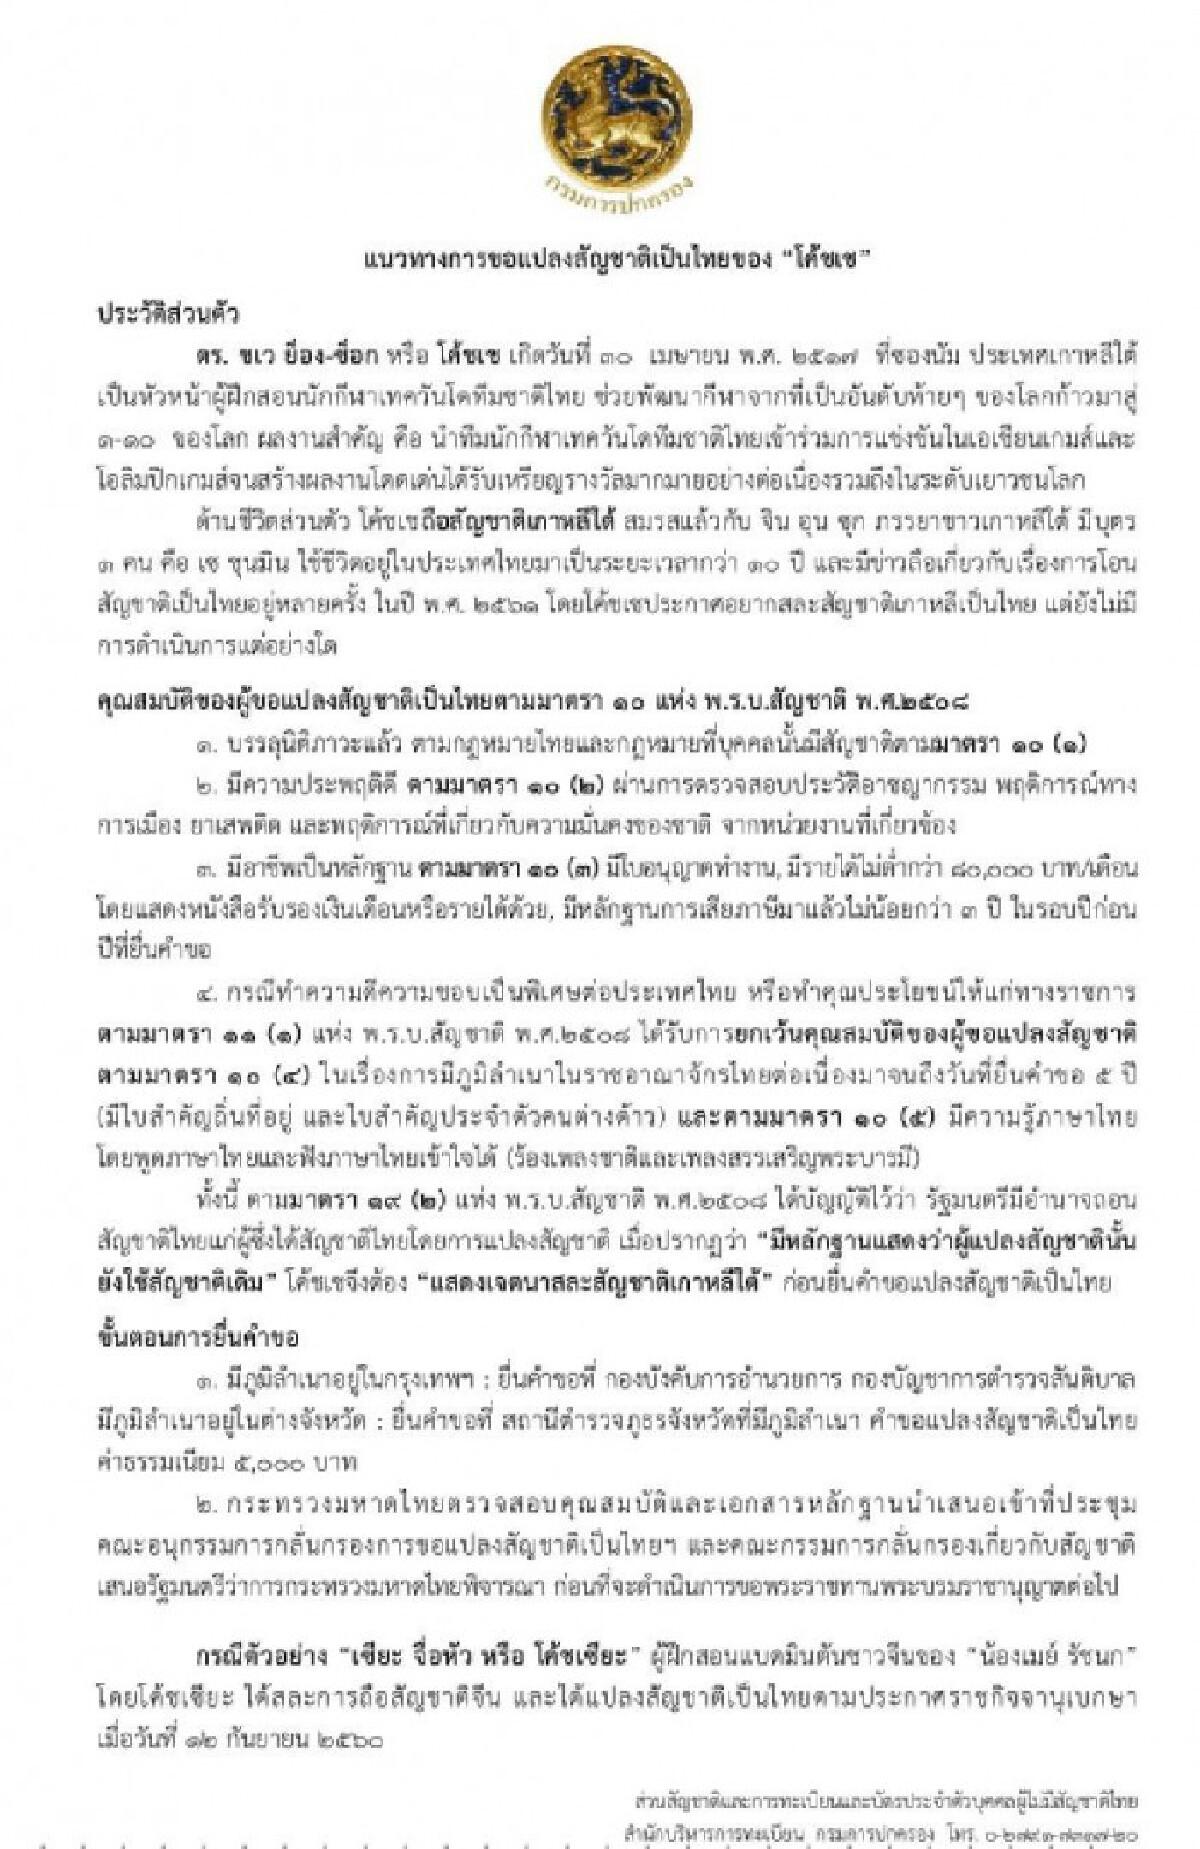 """เตรียมเฮเลย! มหาดไทยเร่งทำหนังสือขอสัญชาติให้ """"โค้ชเช"""""""